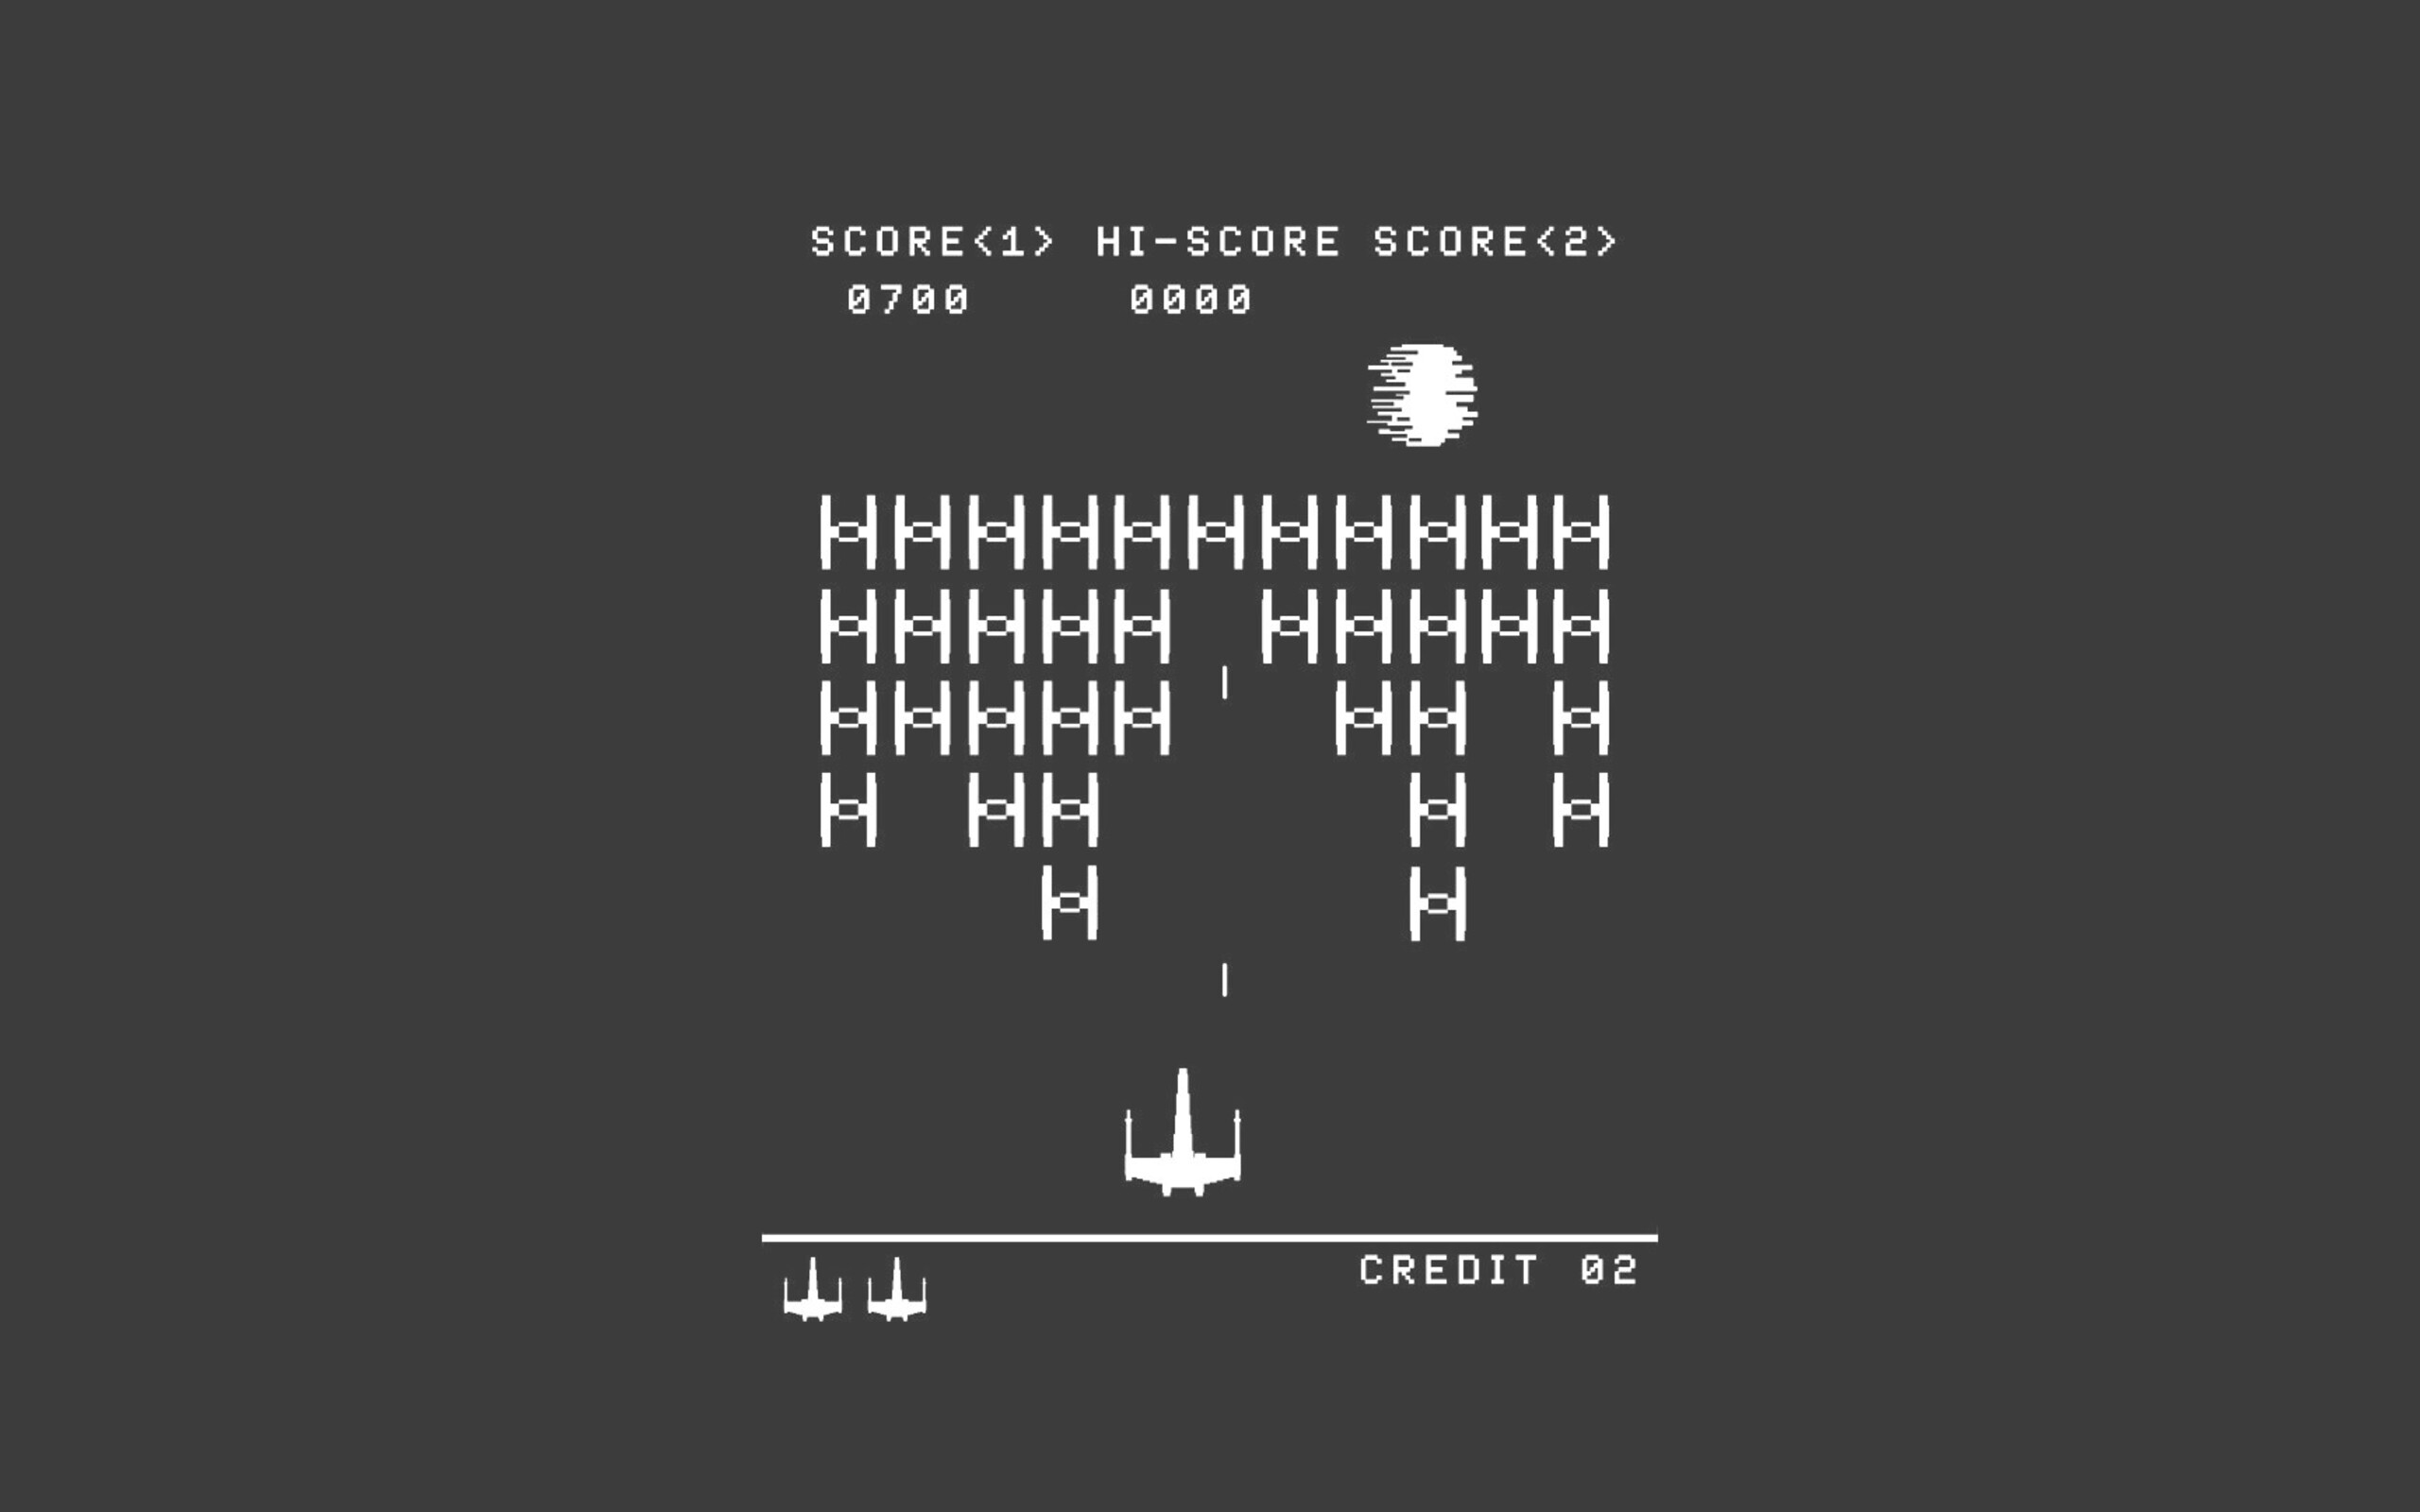 star wars game minimalism wallpaper